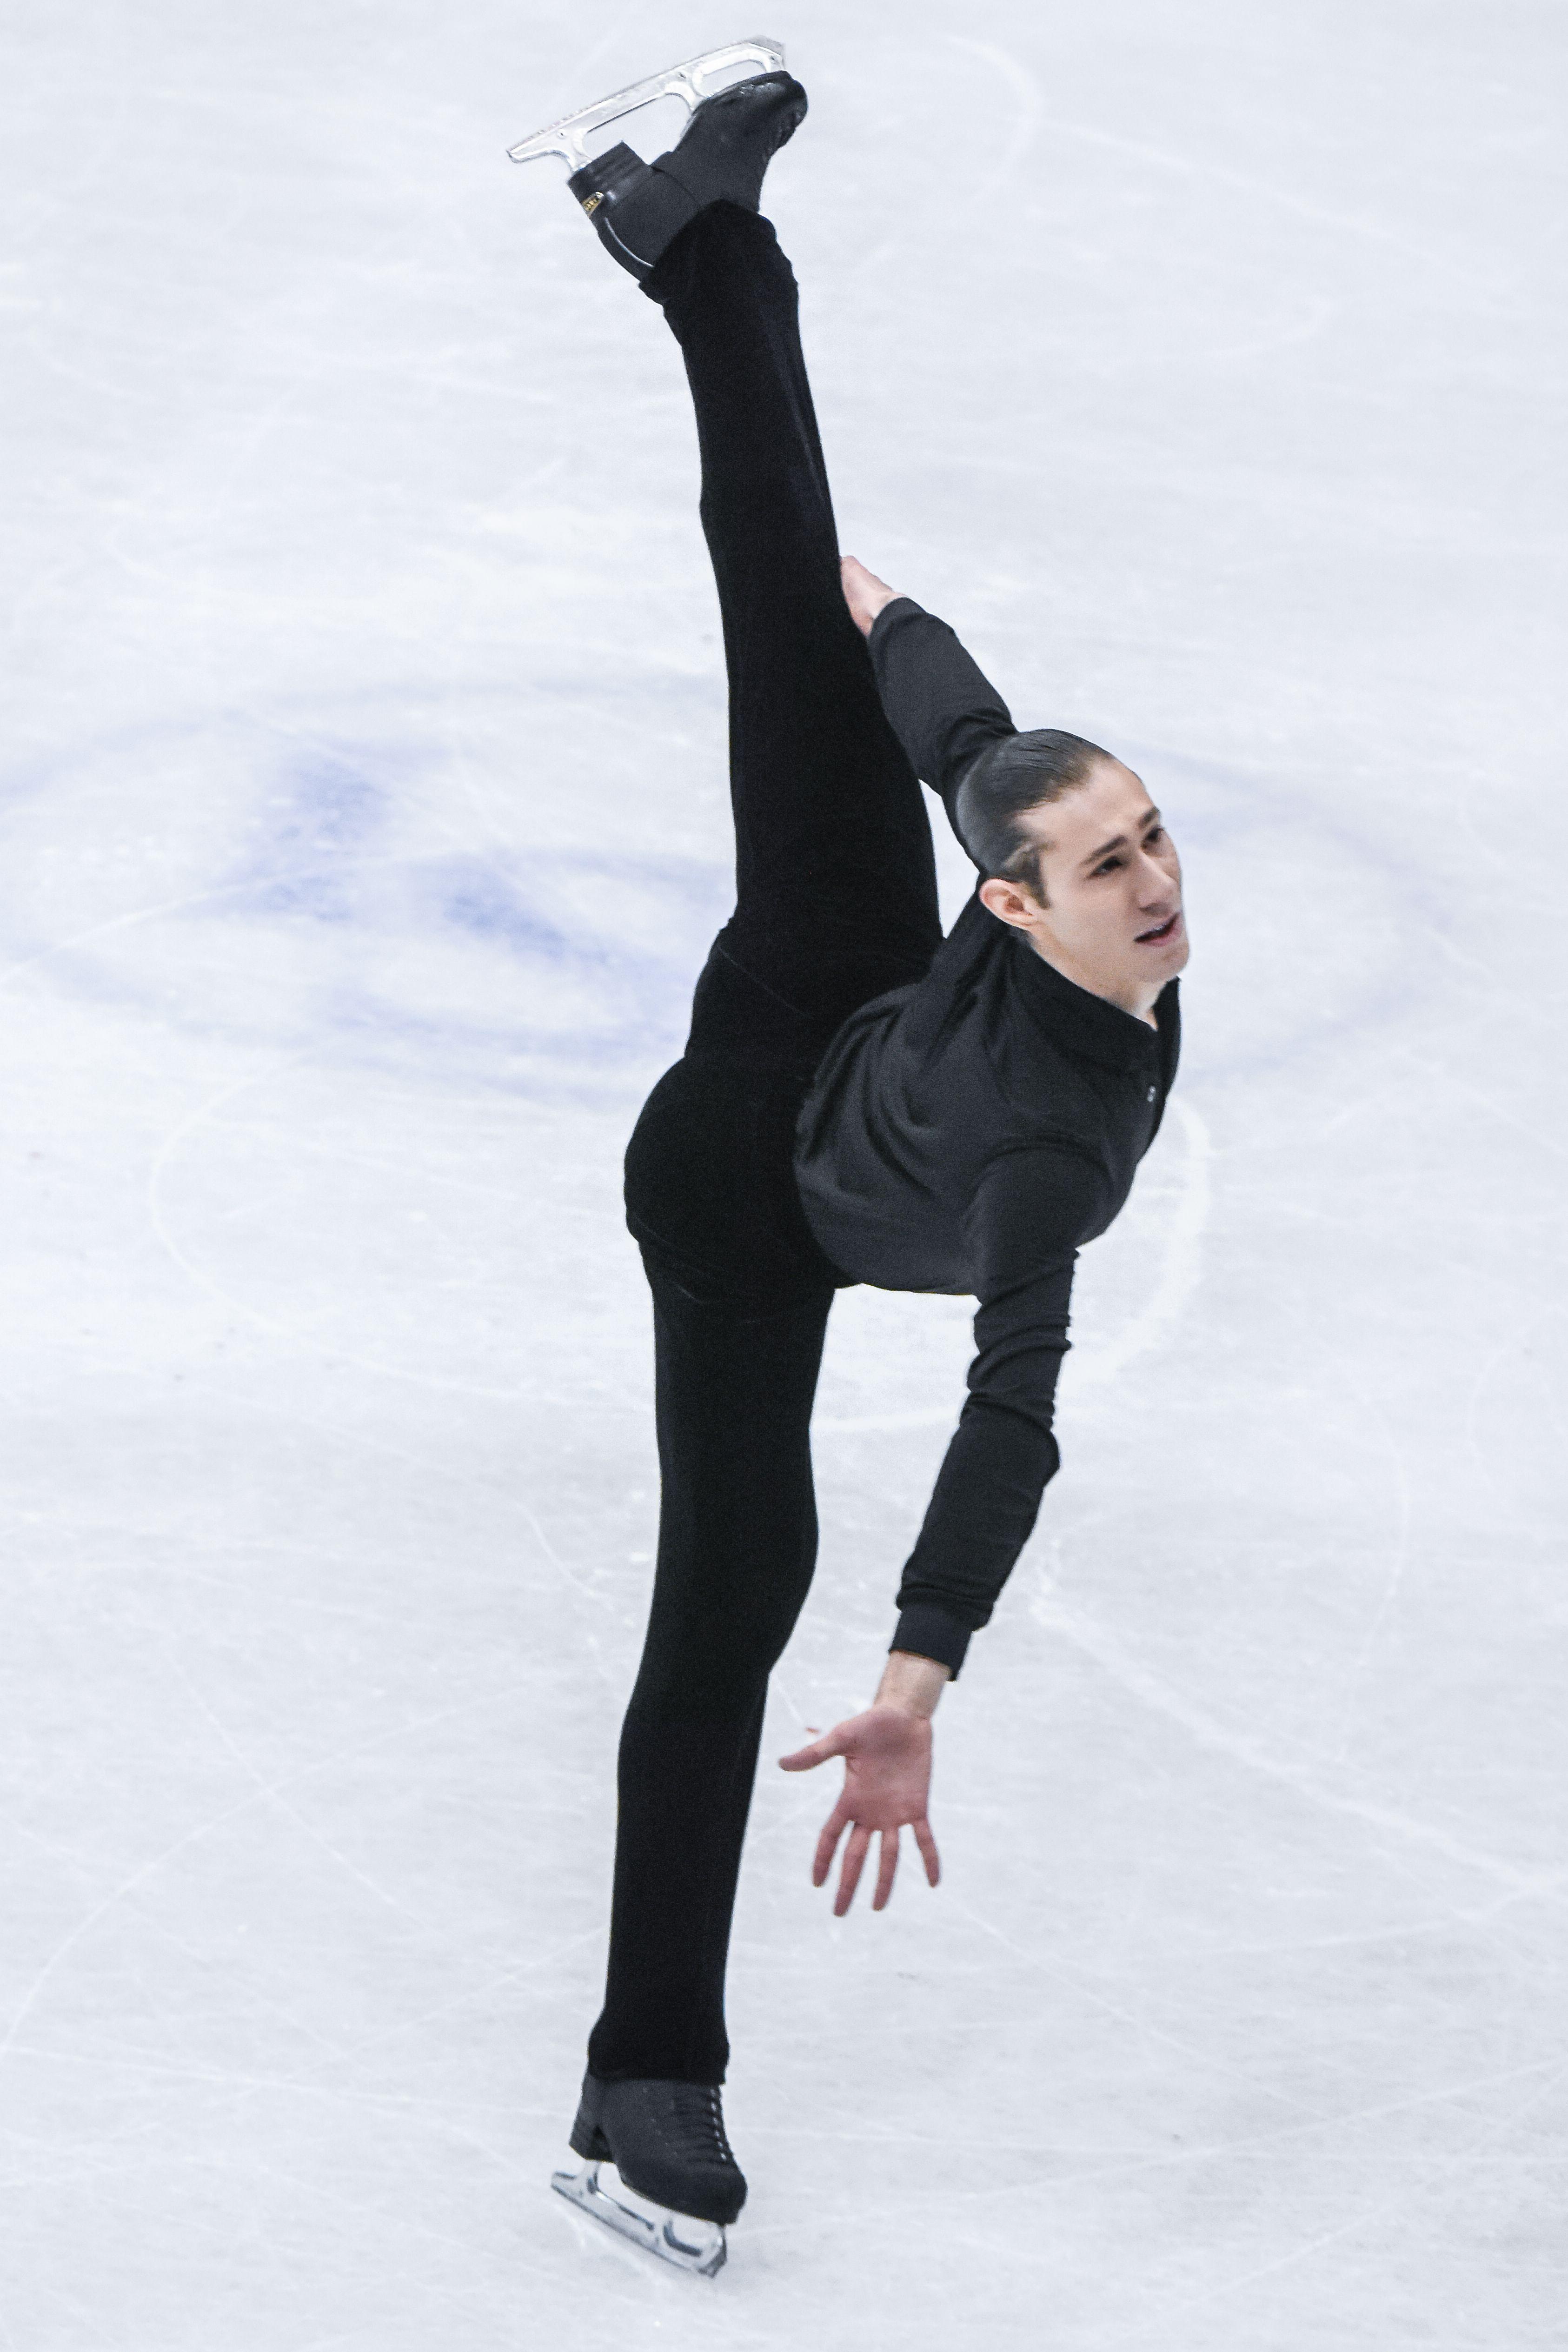 四大洲花式滑冰錦標賽男子長曲美國Jason Brown。 (圖/記者林敬旻攝)